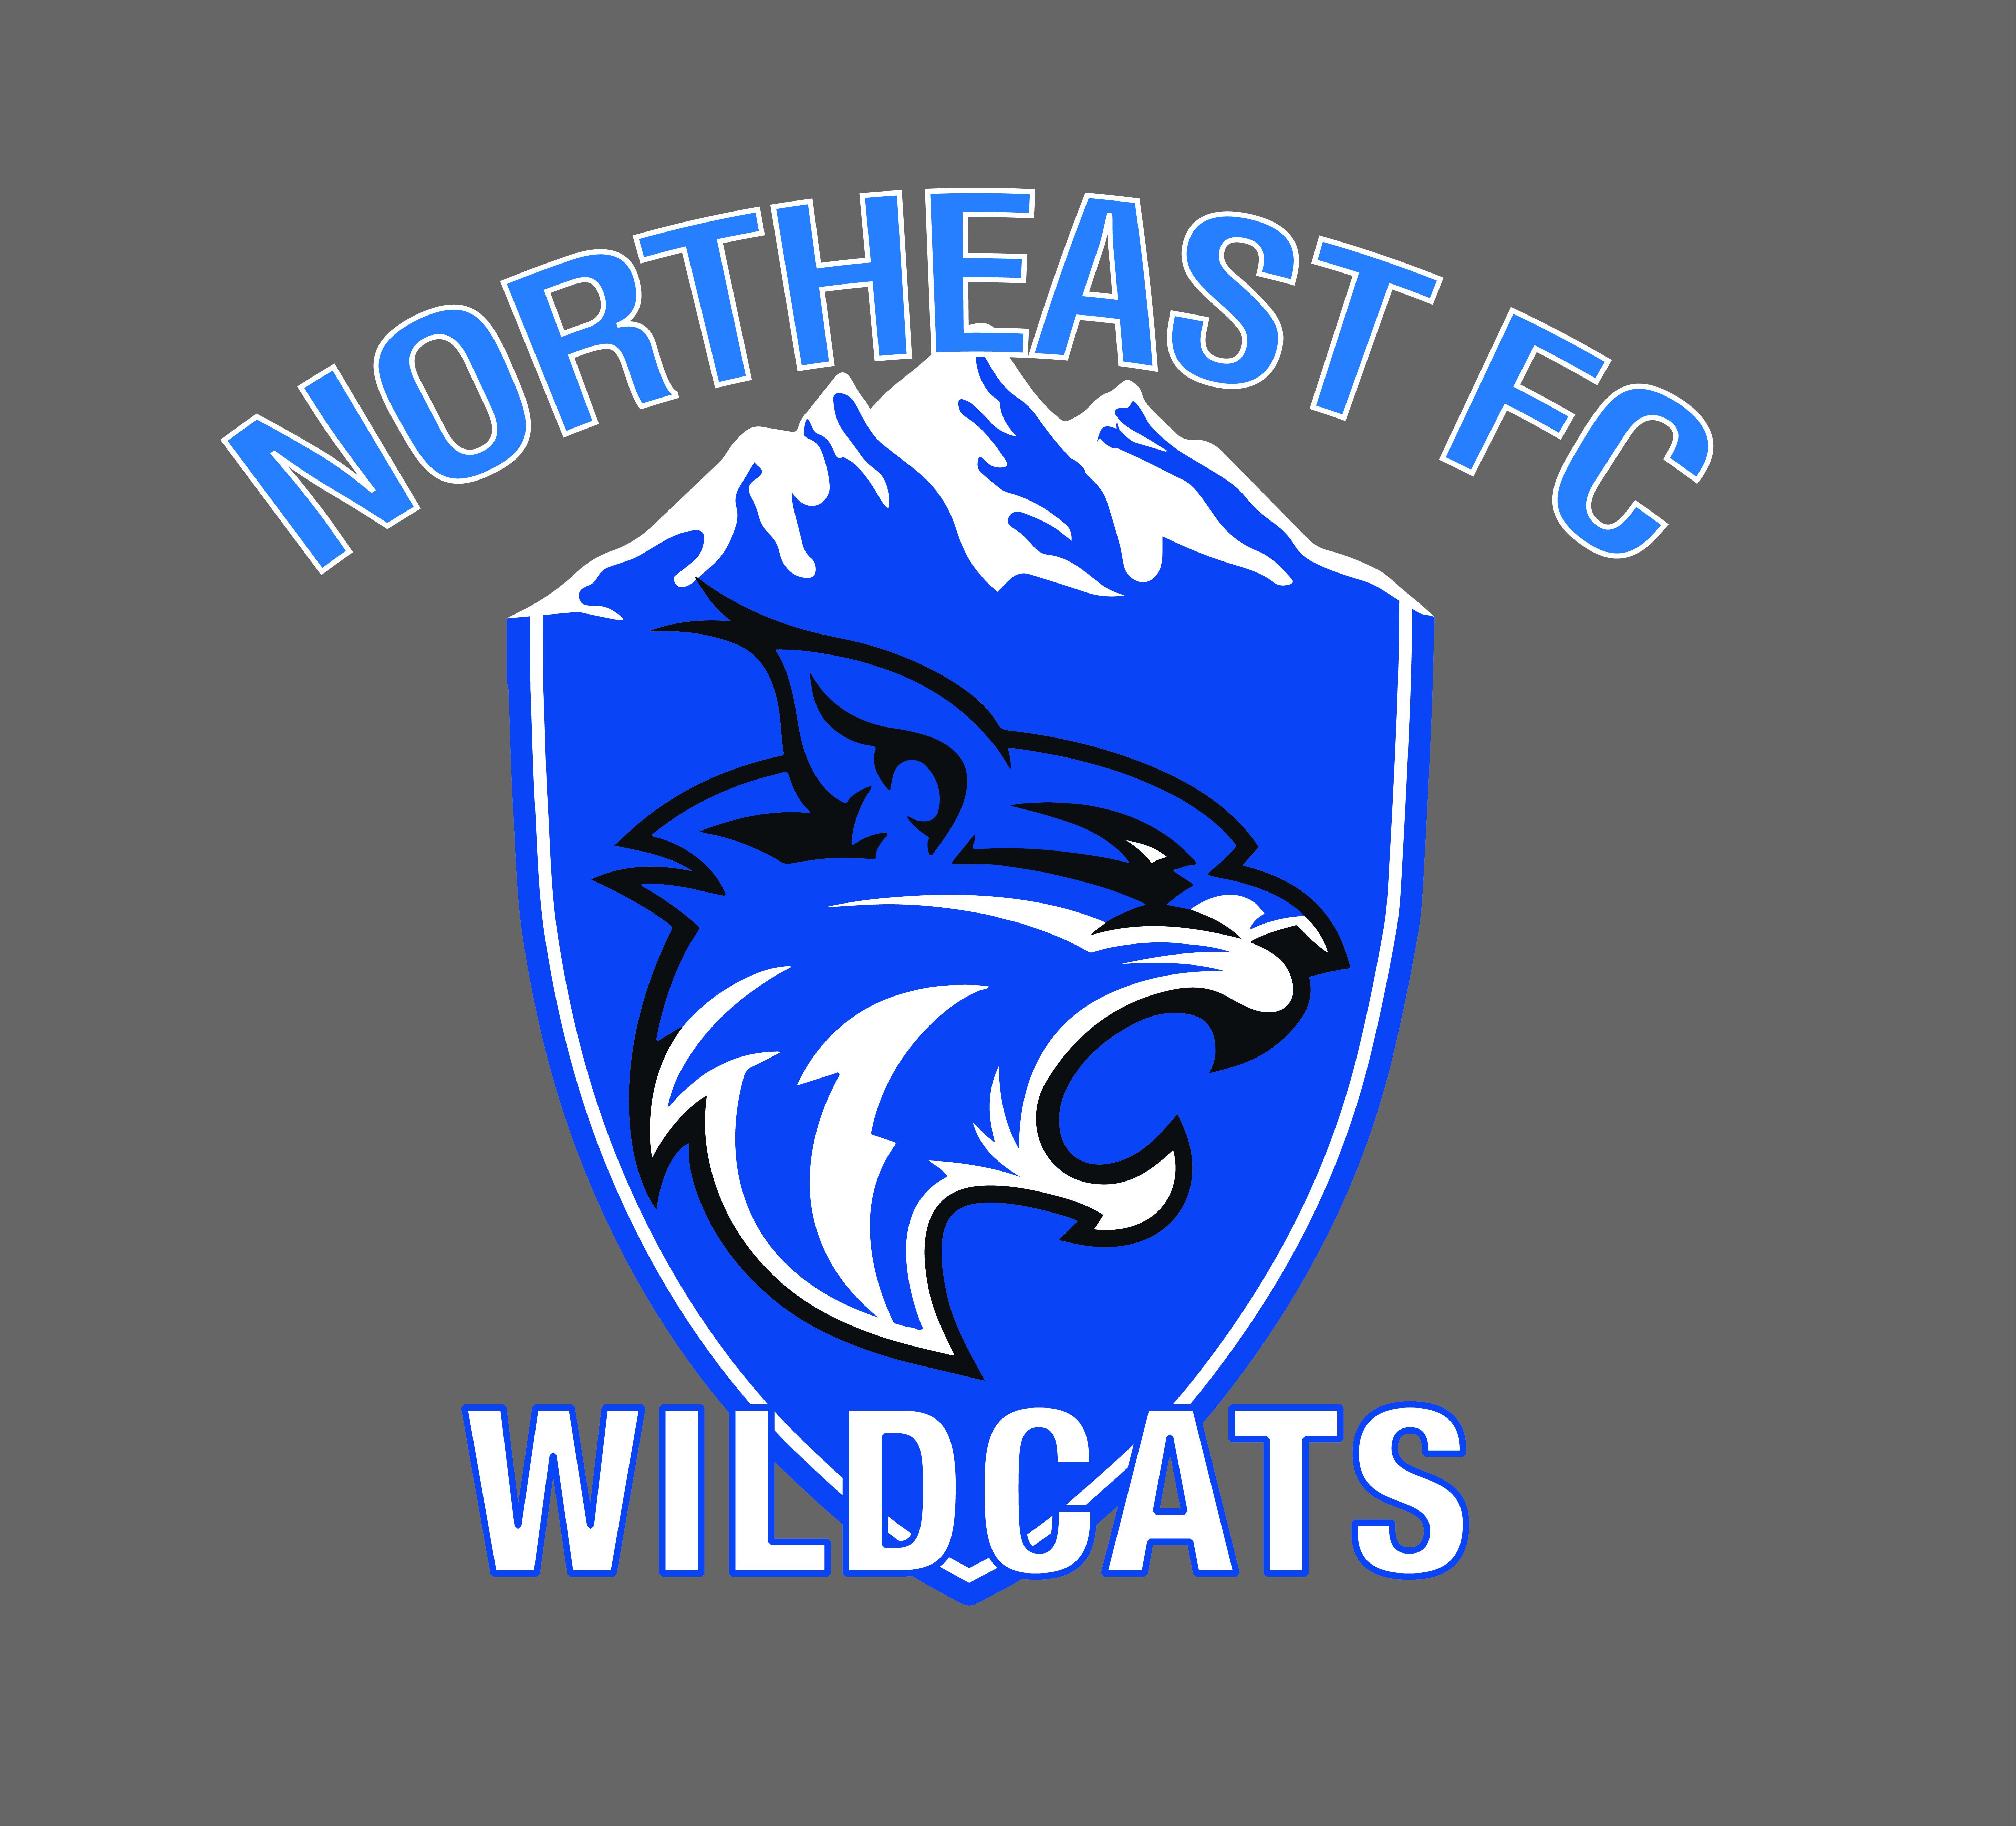 NEFC WILDCATS